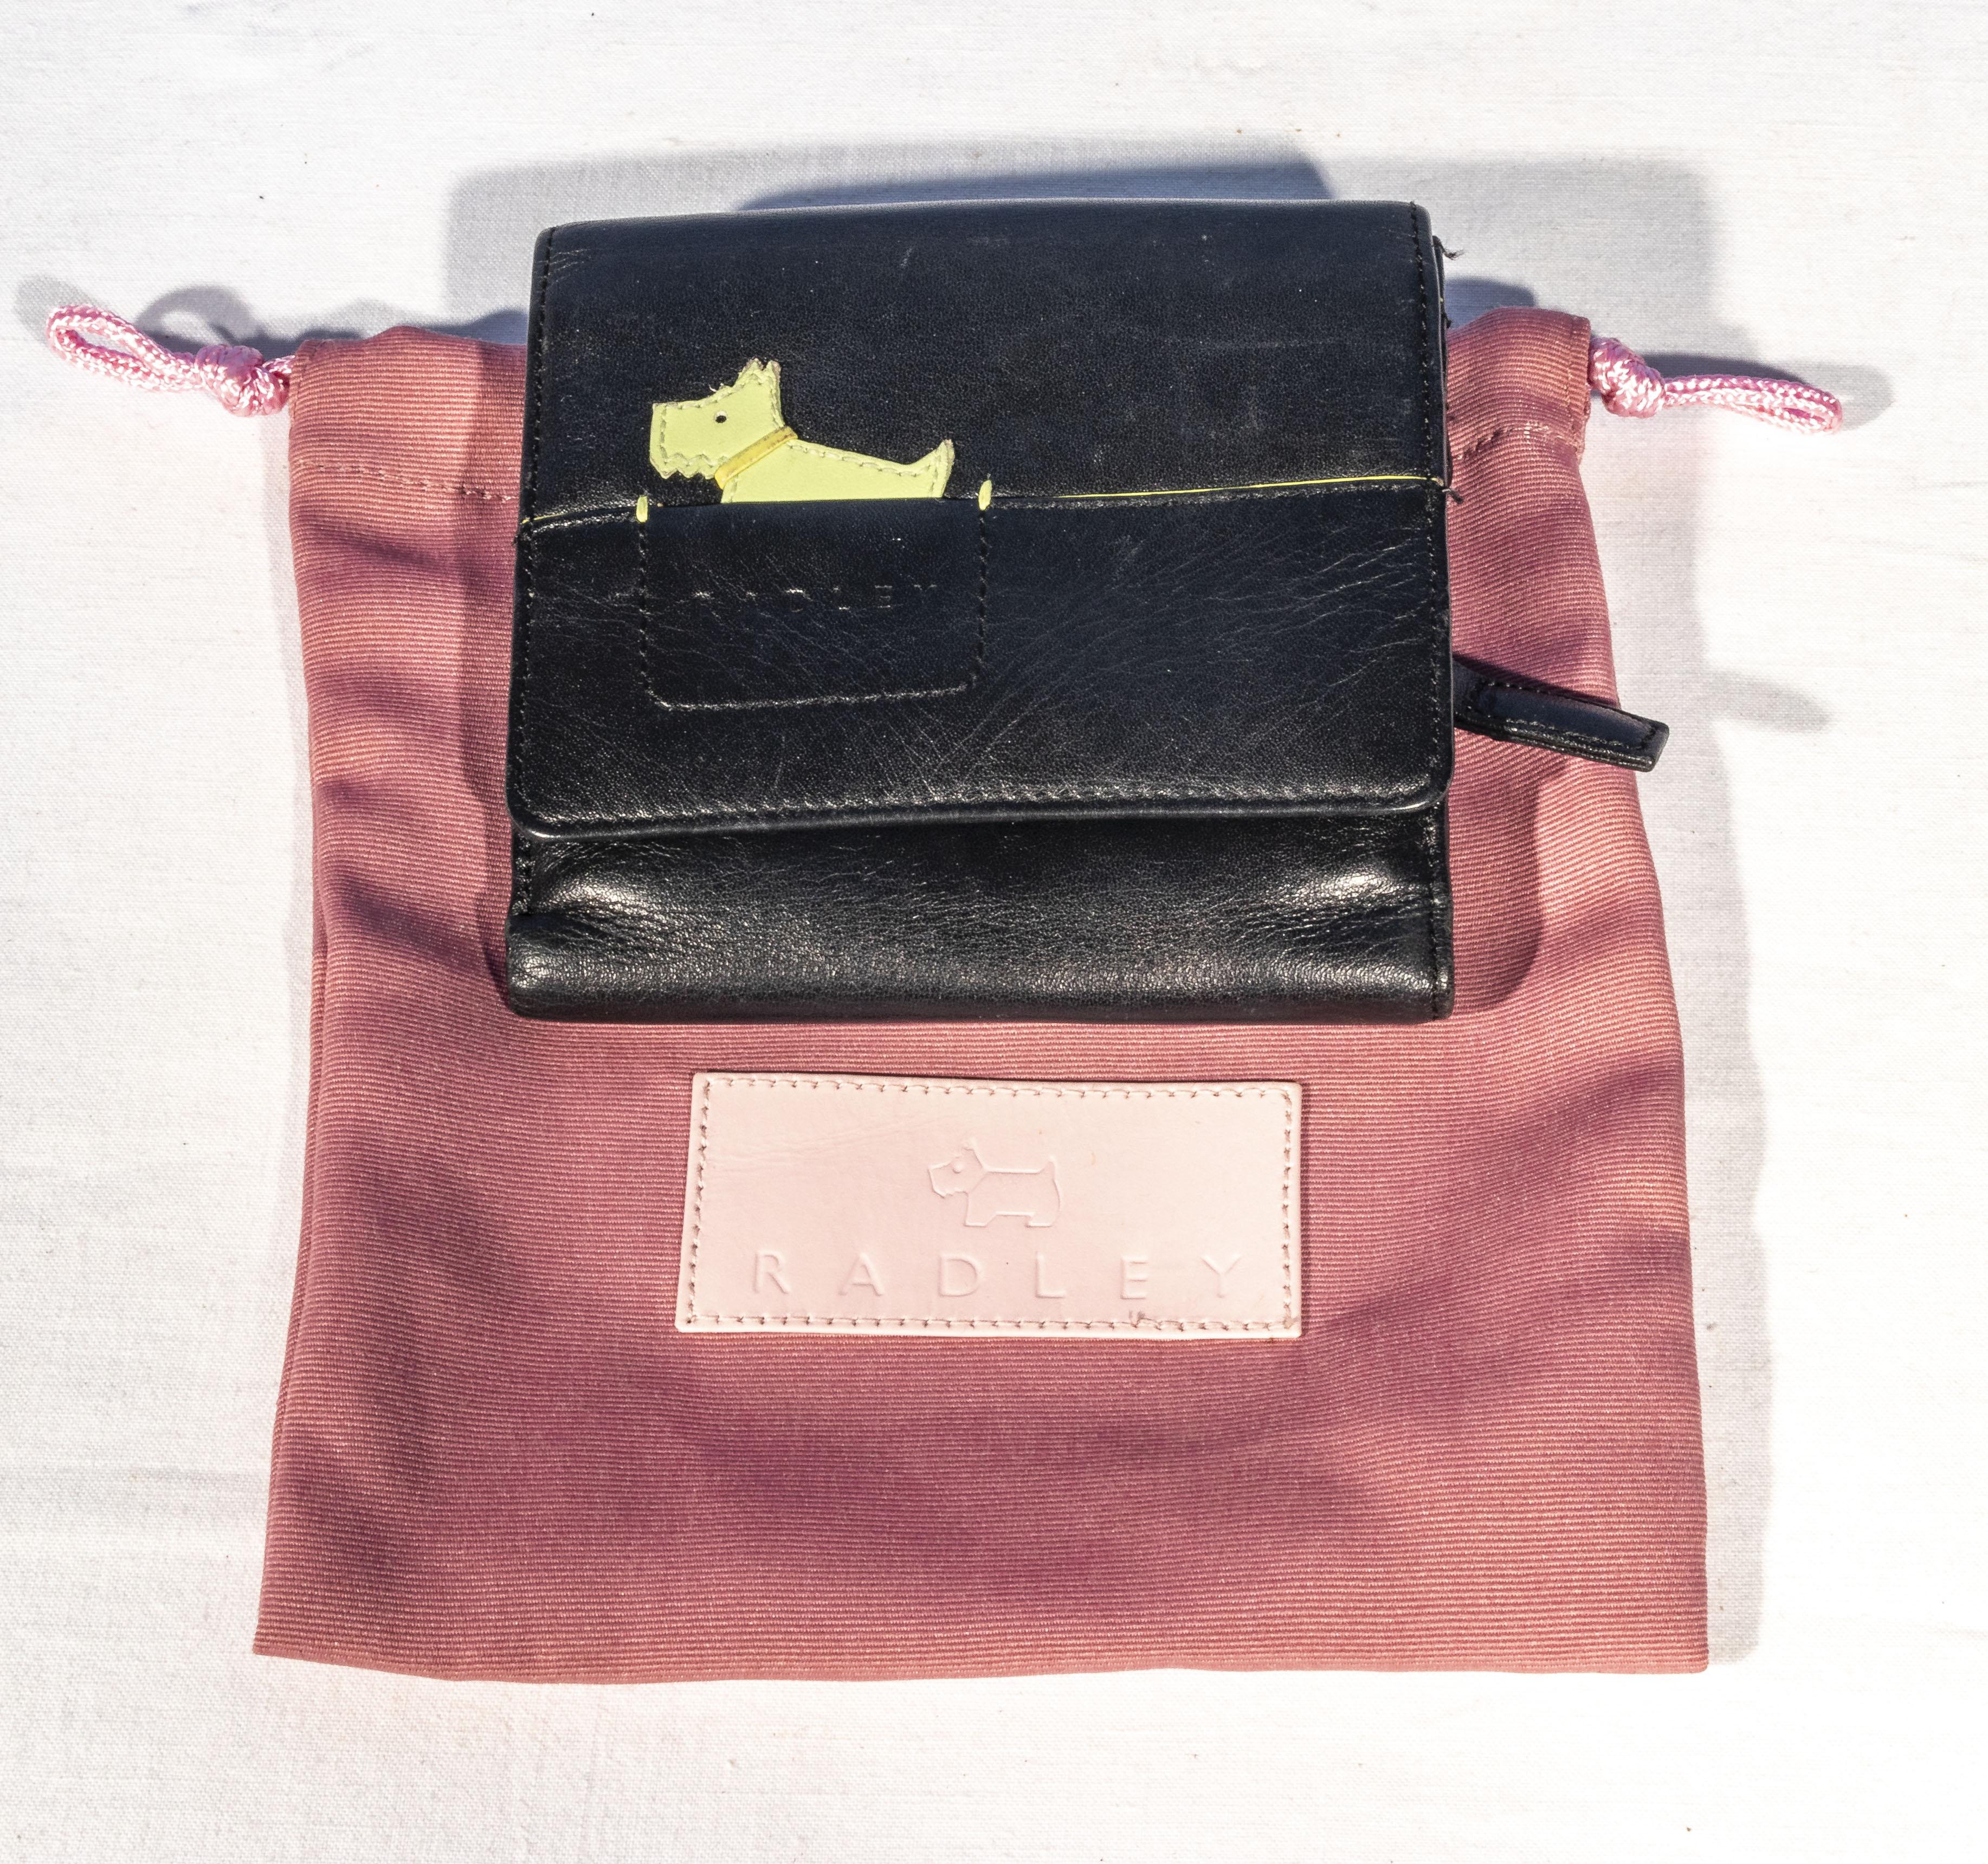 A Radley purse/wallet